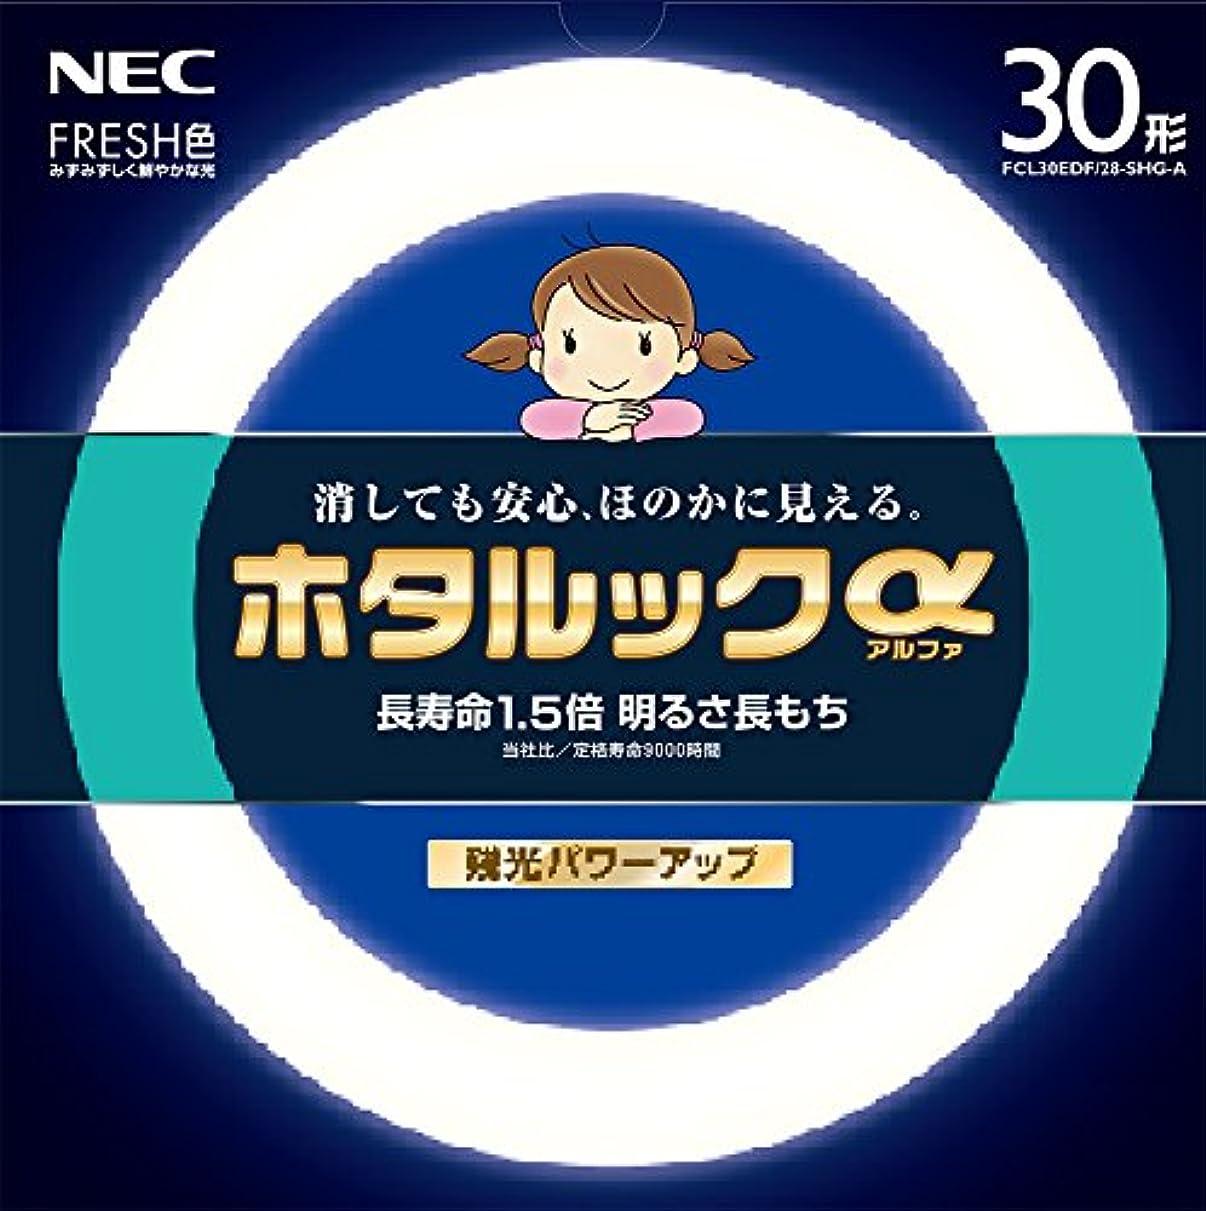 株式担保永久にNEC 丸形蛍光灯(FCL) ホタルックα 30形 フレッシュ色(昼光色タイプ)